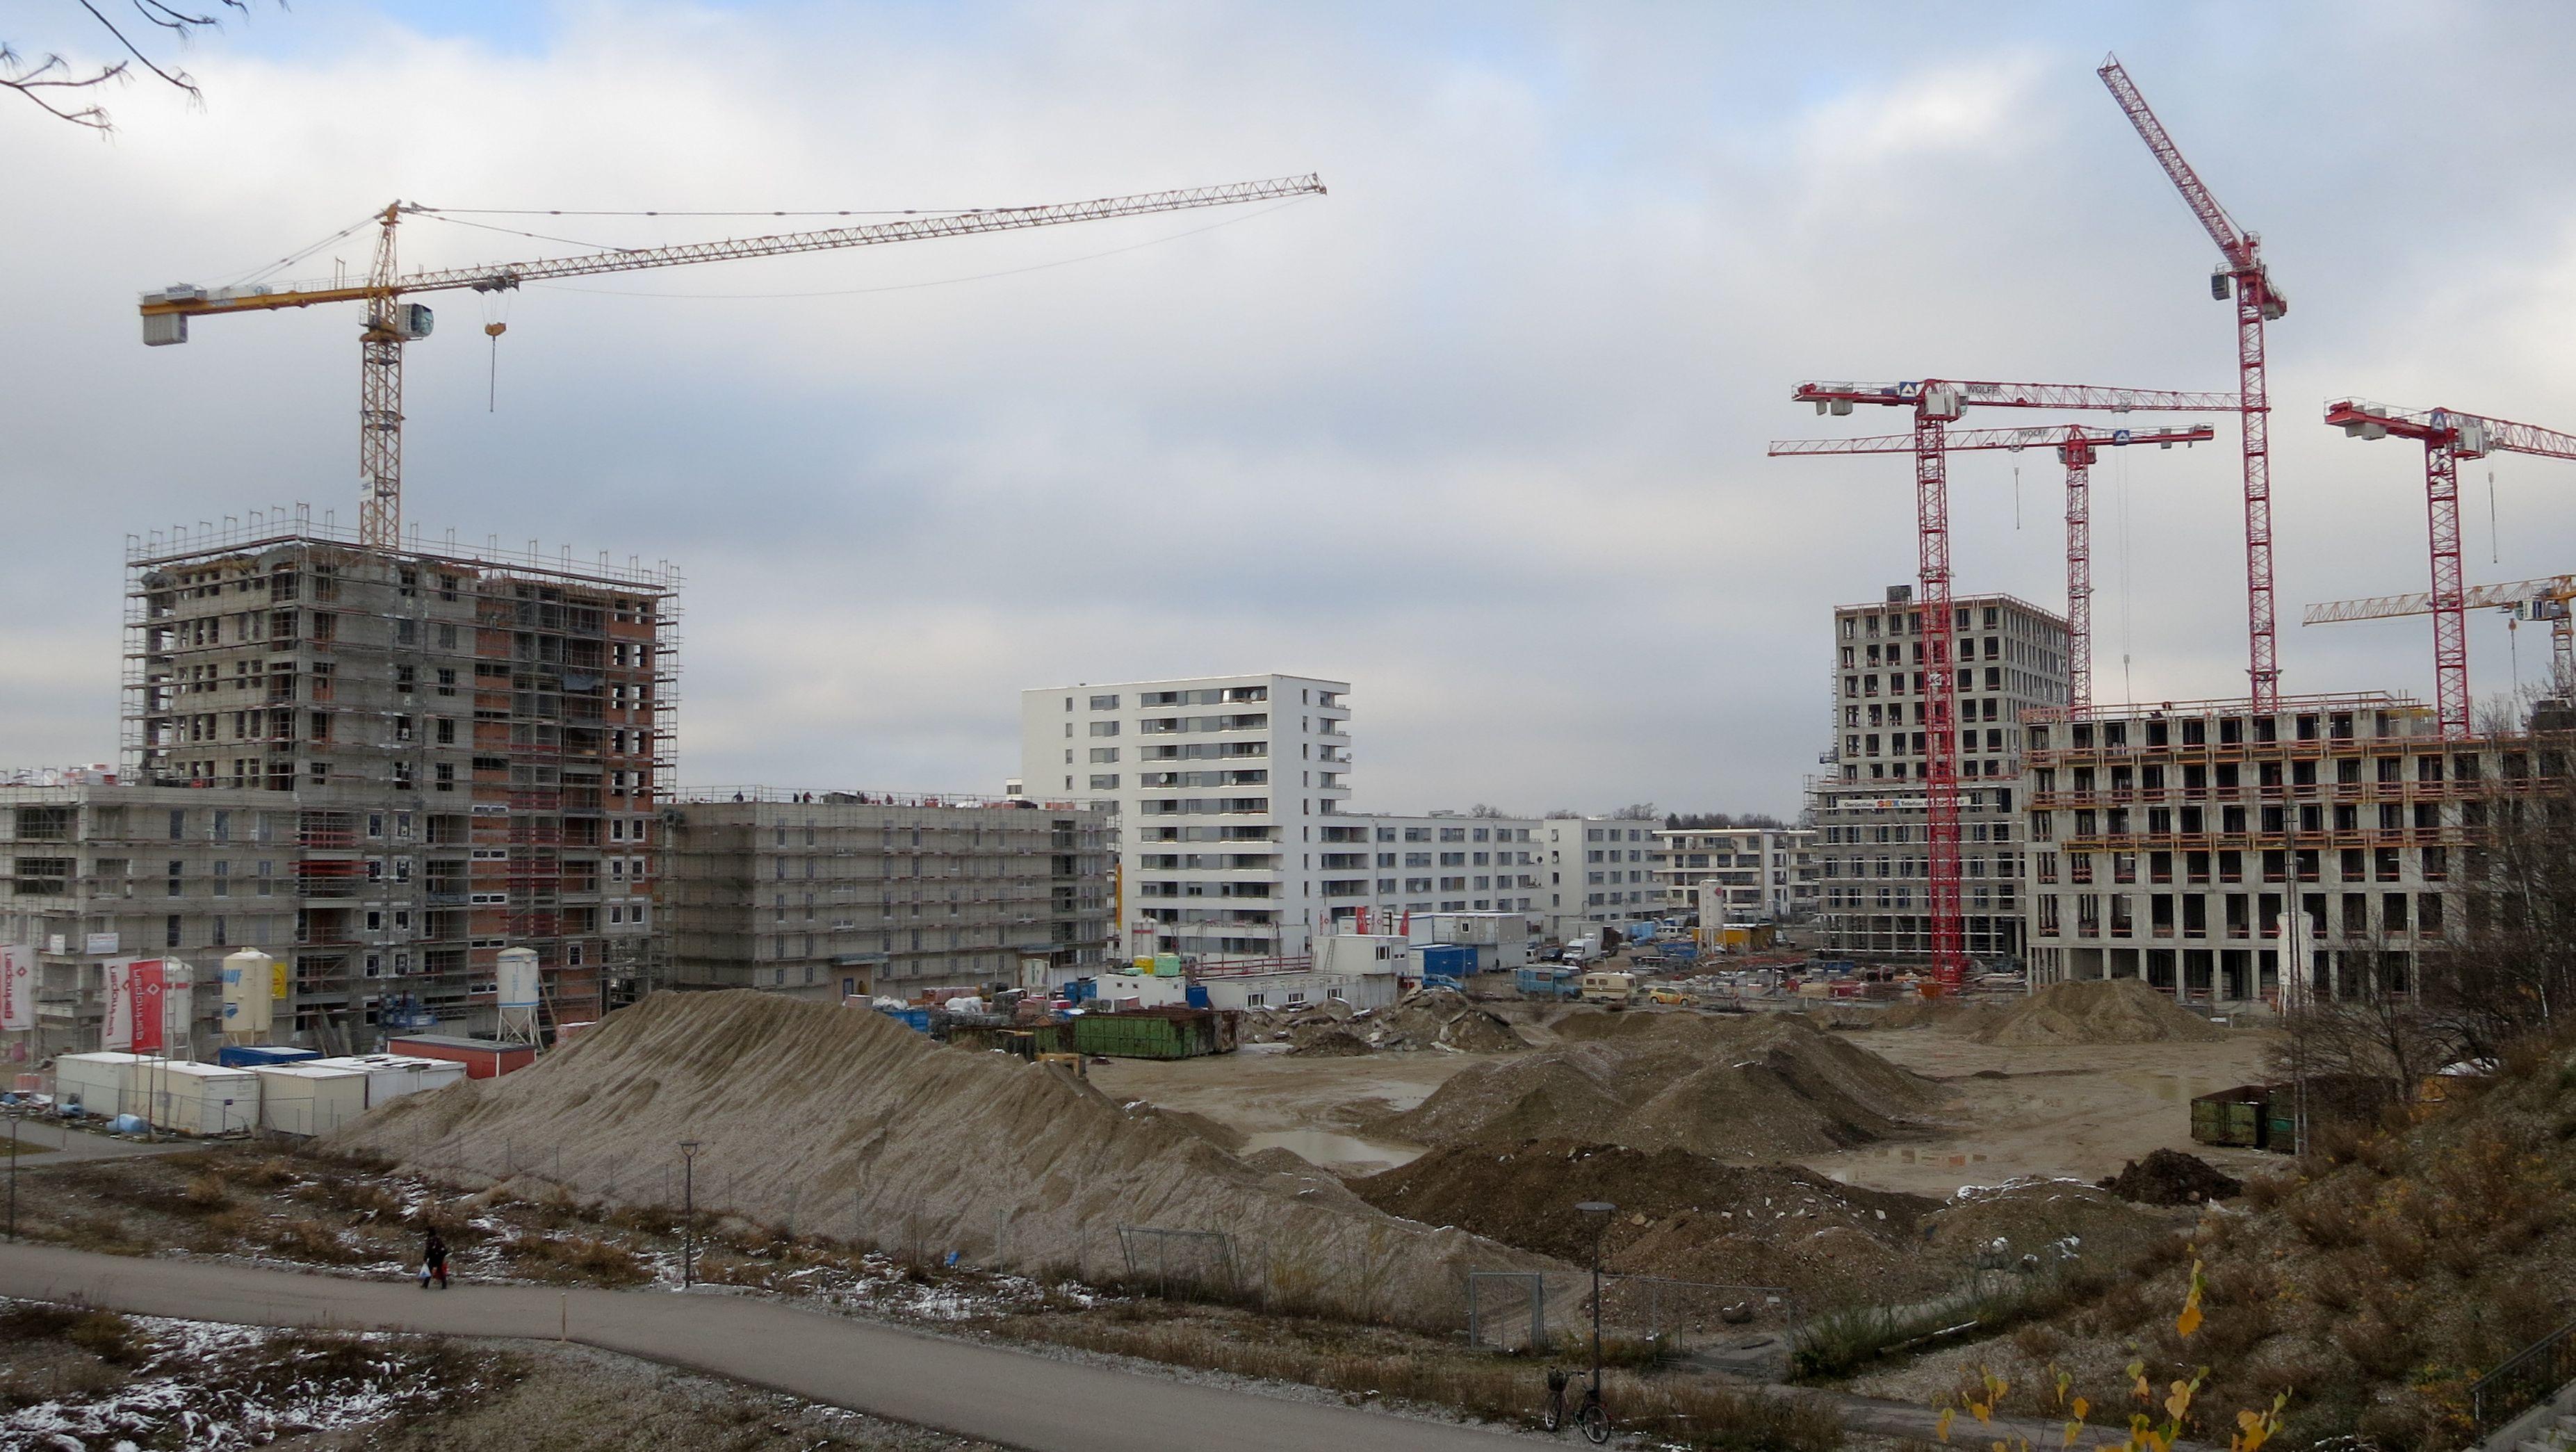 Baustelle in München am Hirschgarten - hier entstehen auch Sozialwohnungen (Archivbild)